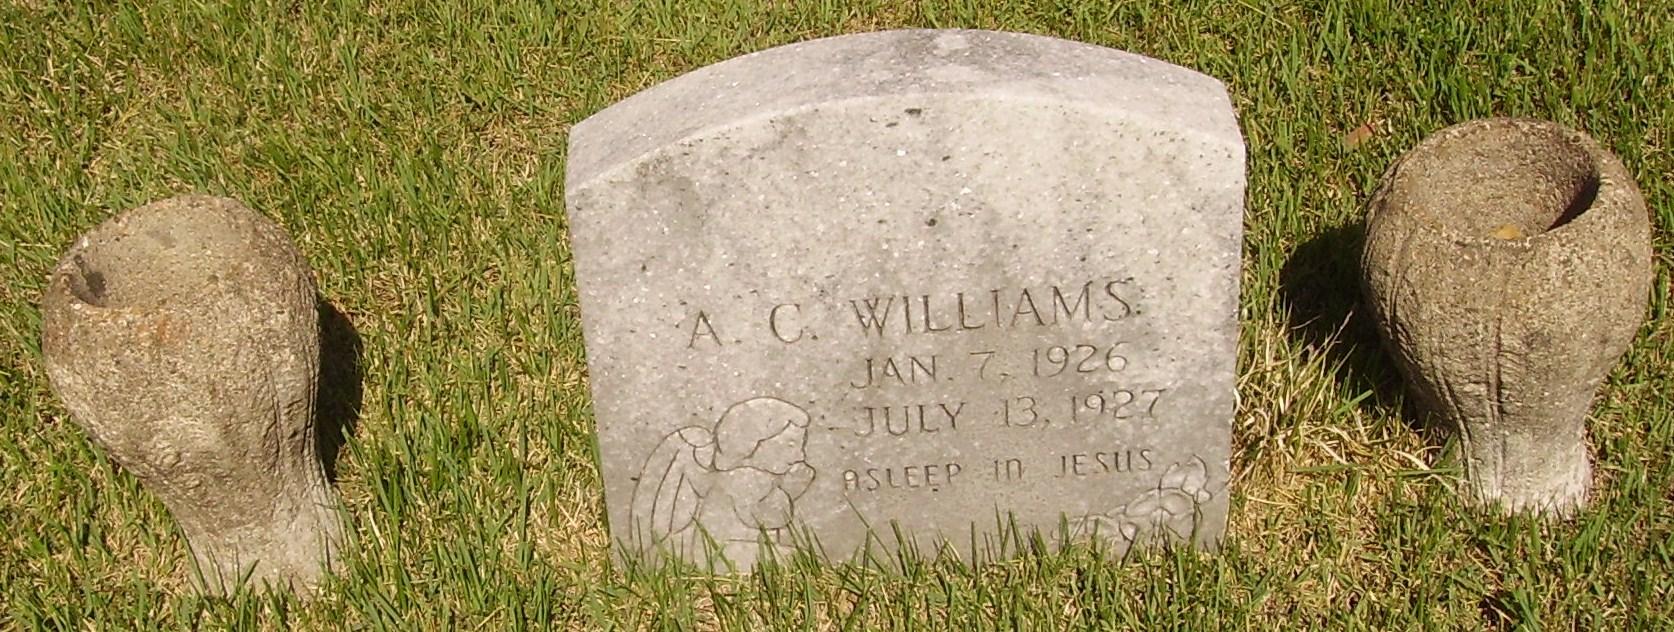 A. C. Williams